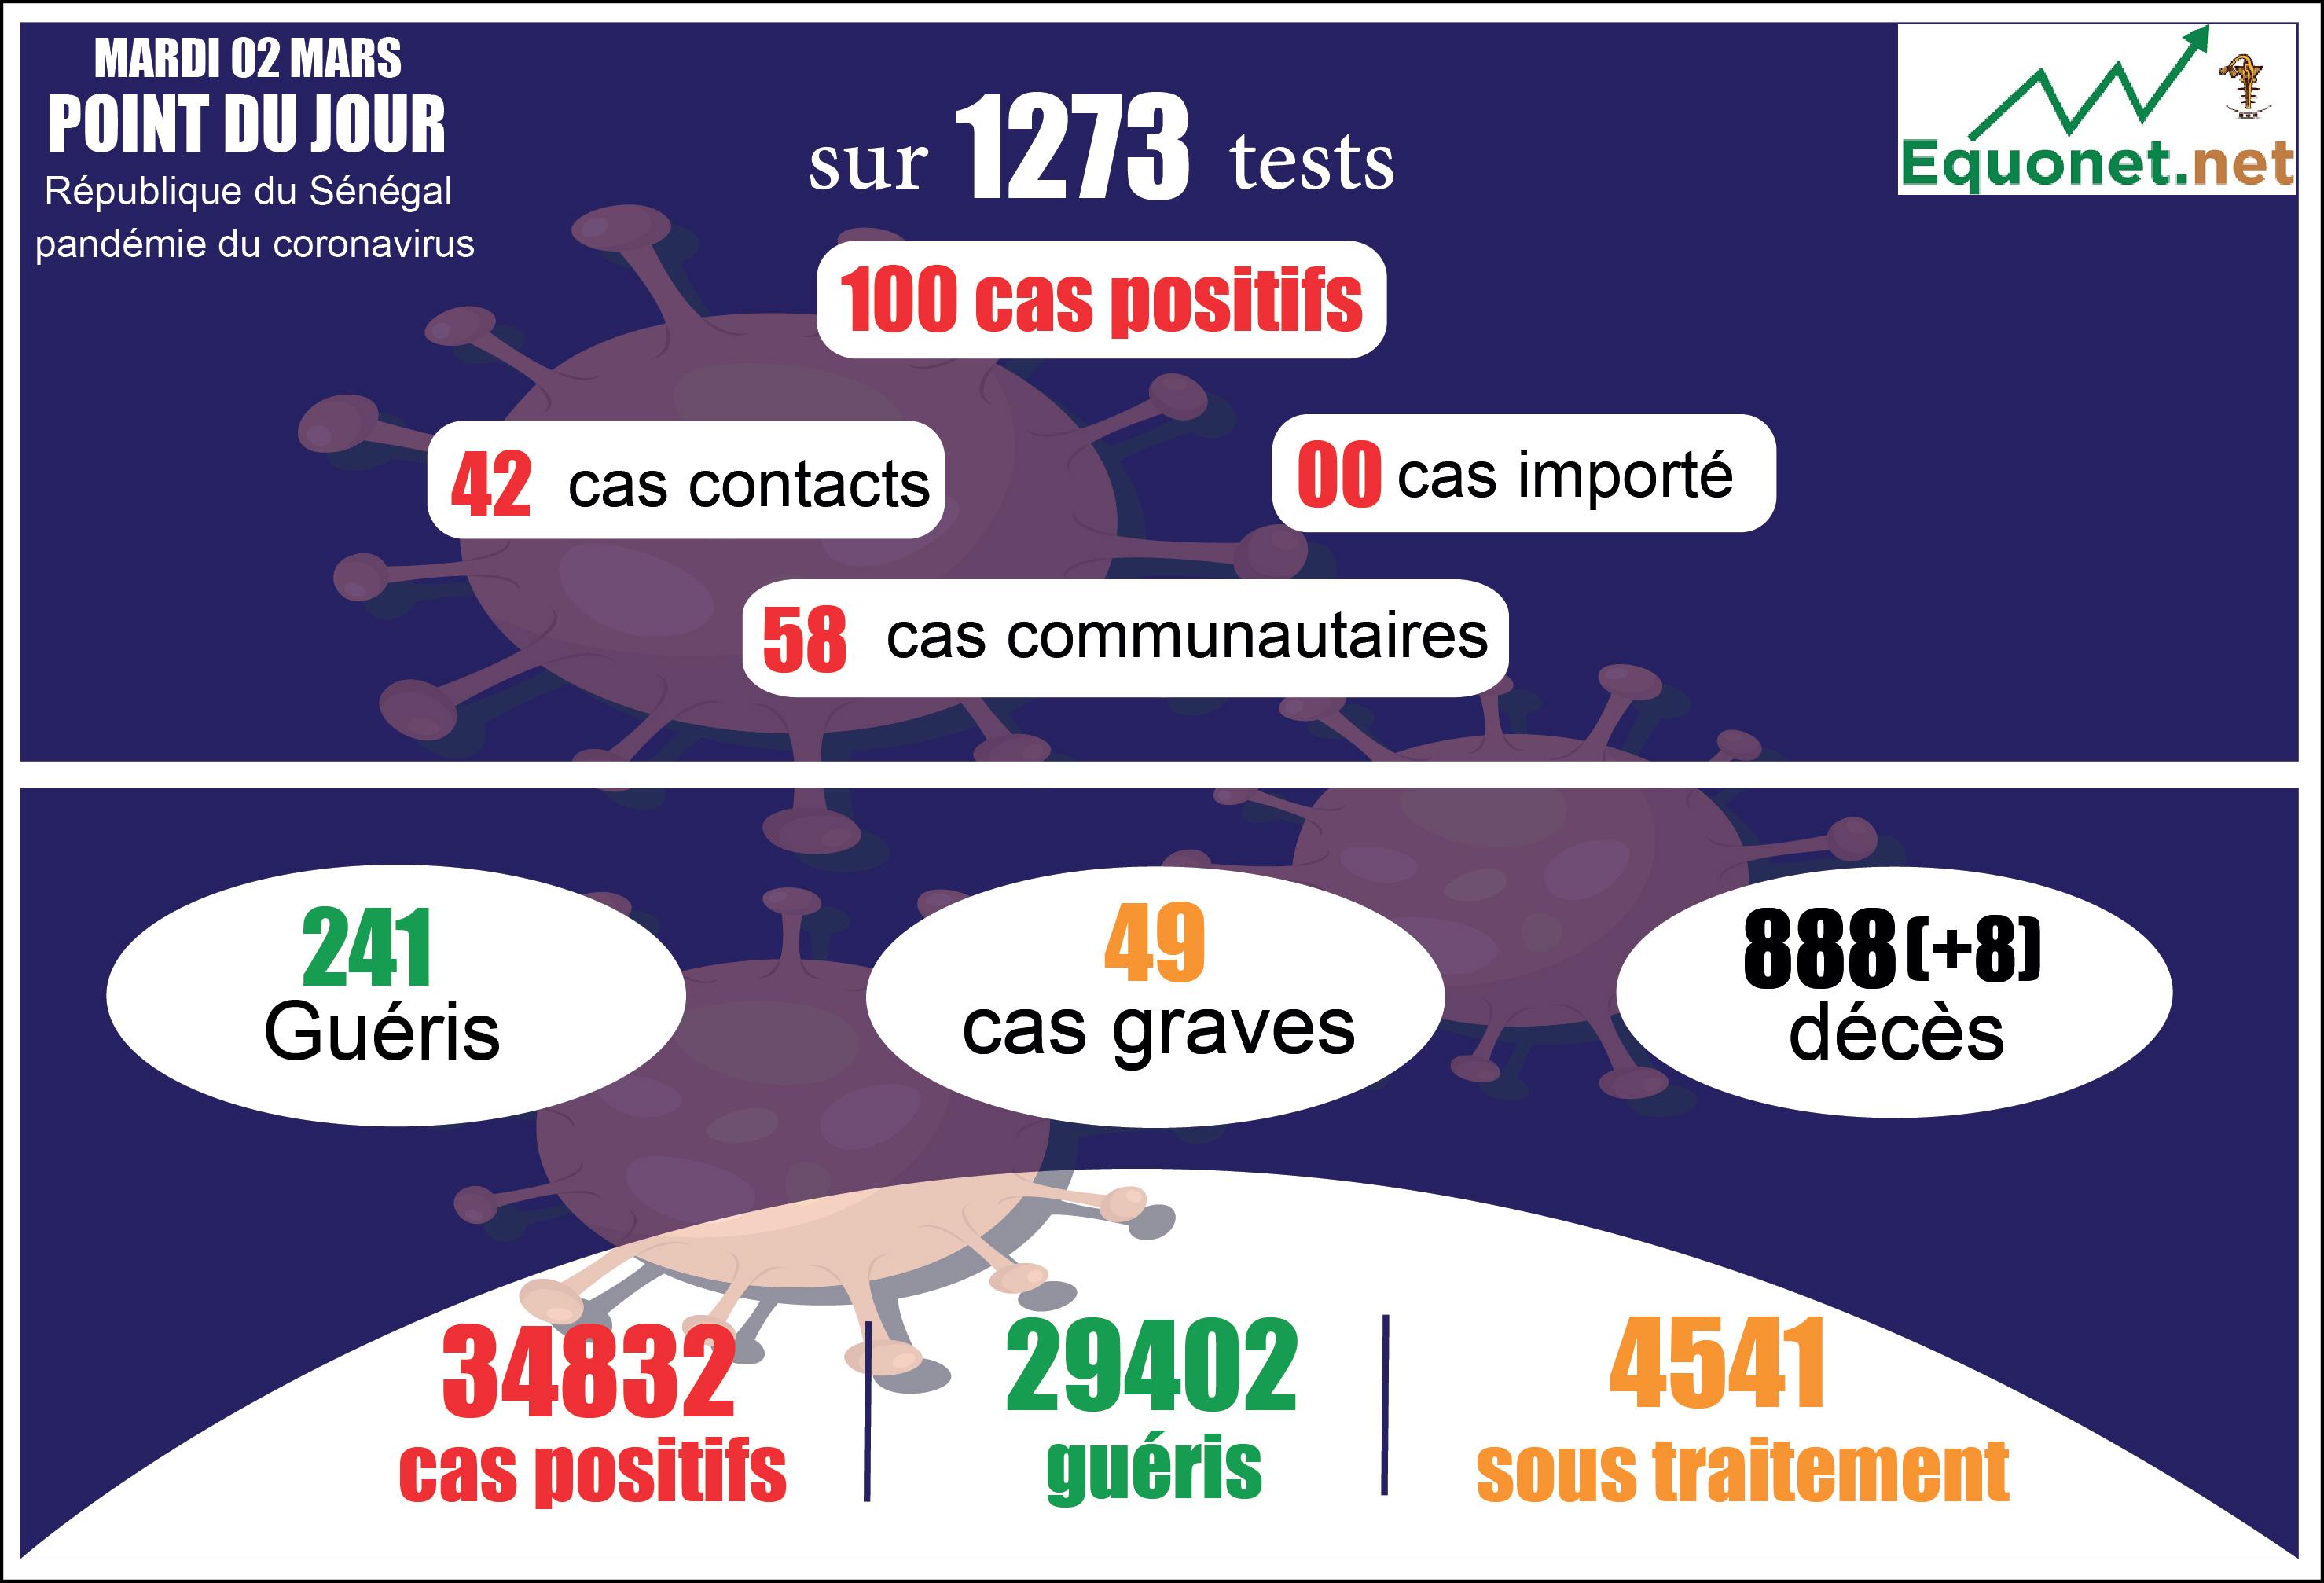 pandémie du coronavirus-covid-19 au sénégal : 58 cas communautaires et 8 décès enregistrés ce mardi 02 mars 2021